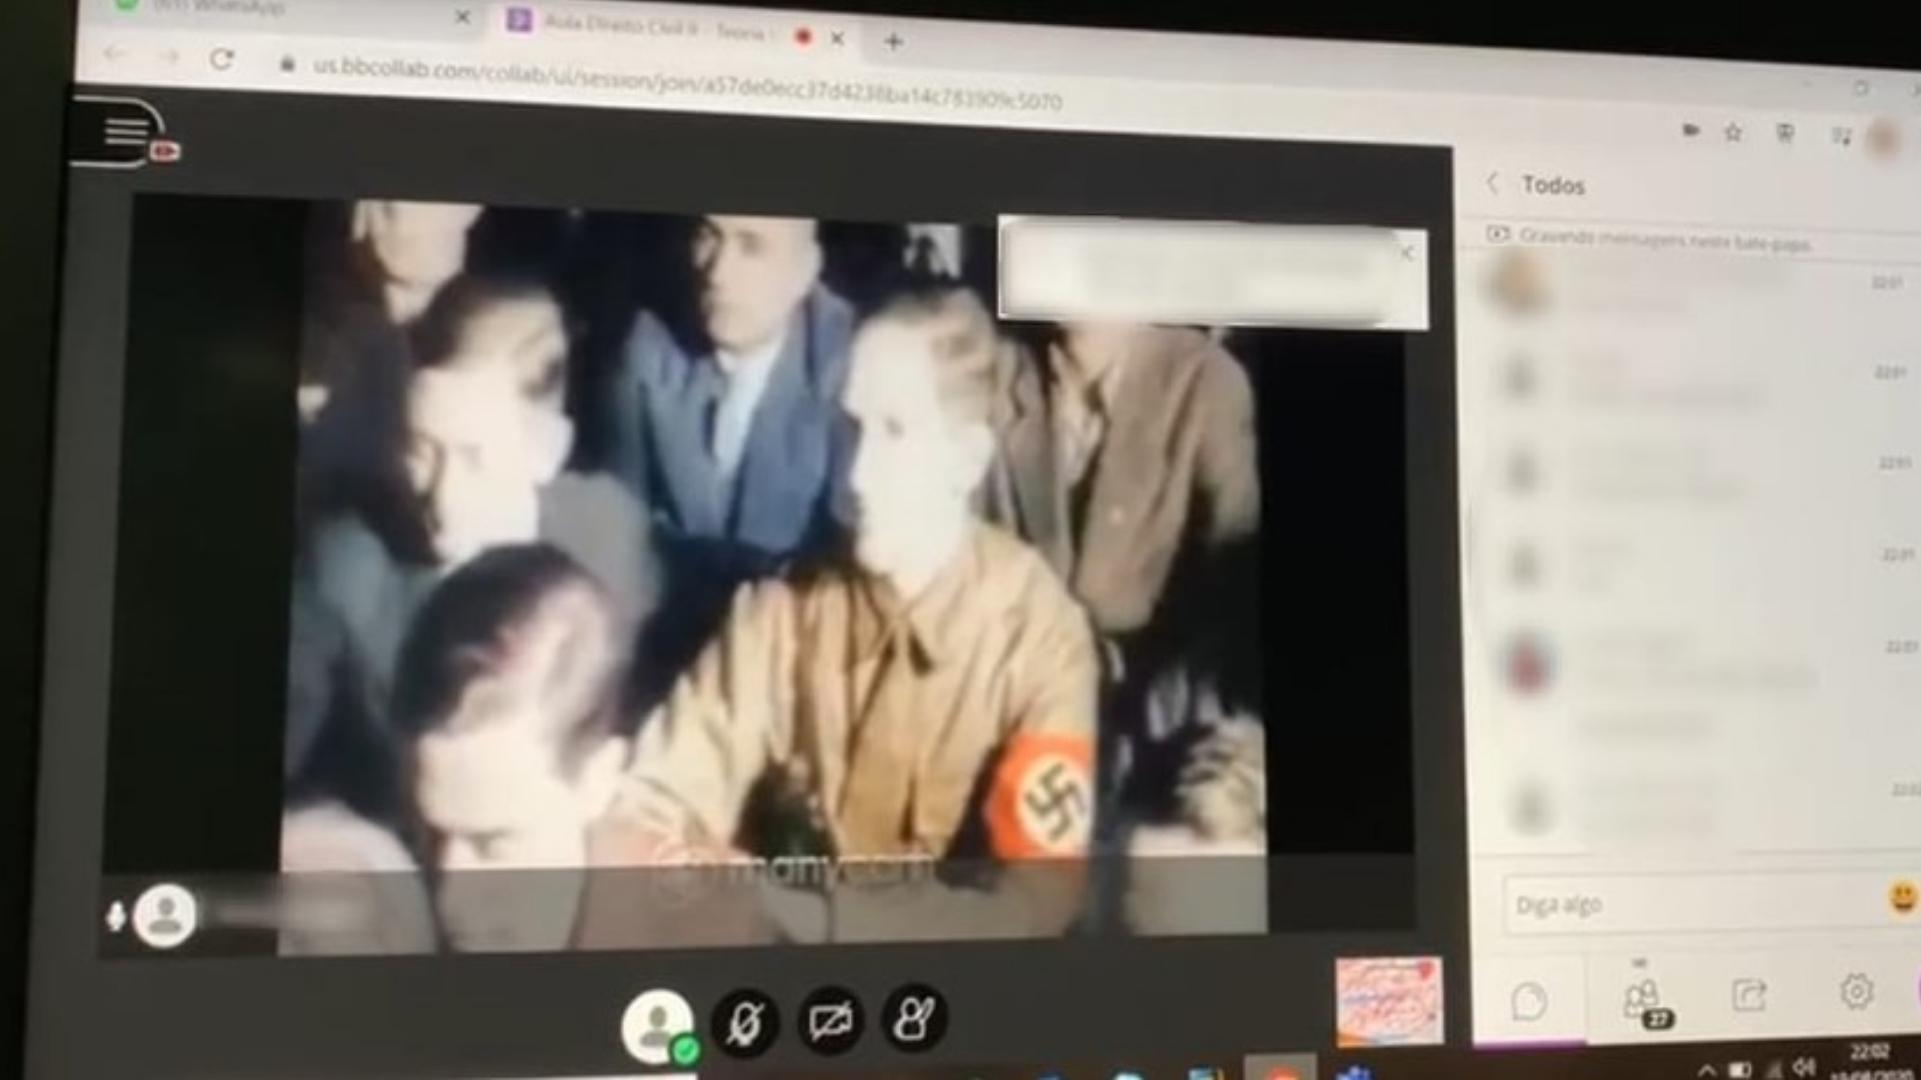 Grupo invade aula online e faz apologia ao nazismo e ao racismo em Sorocaba